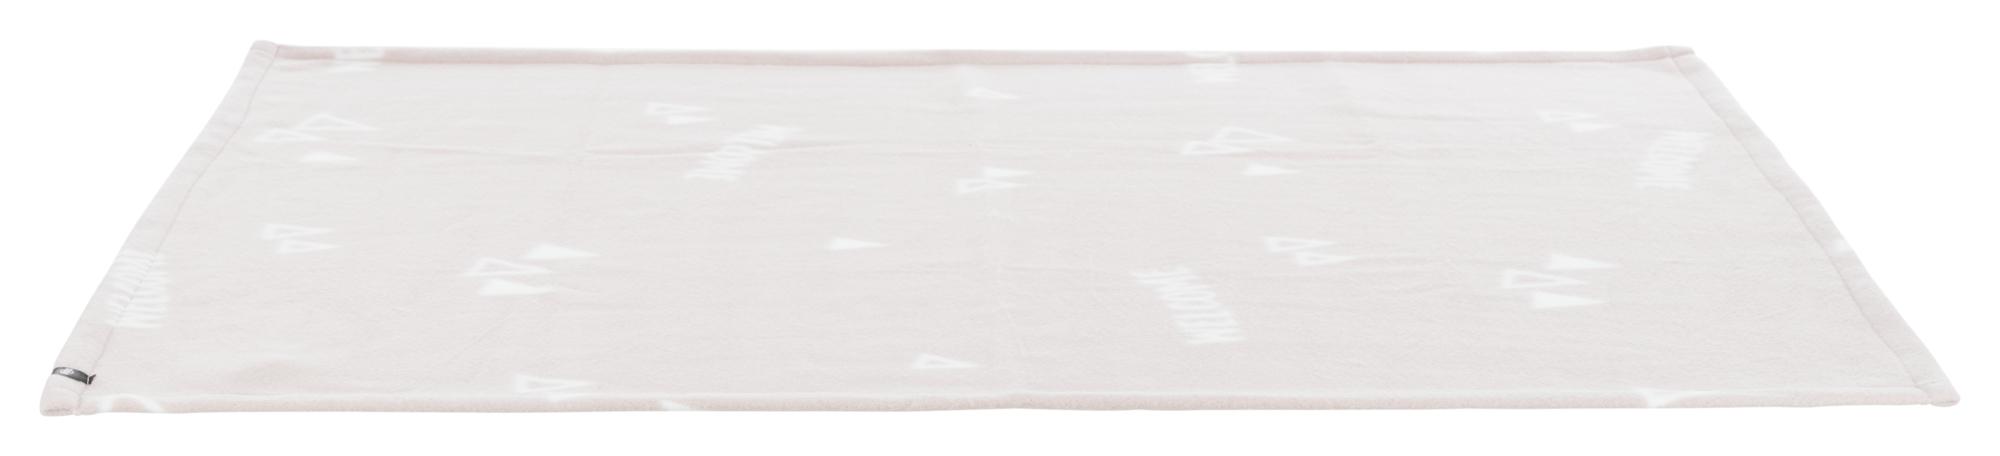 TRIXIE Junior Fleecedecke TRIXIE Junior Fleecedecke, S–M: 100 × 70 cm, taupe